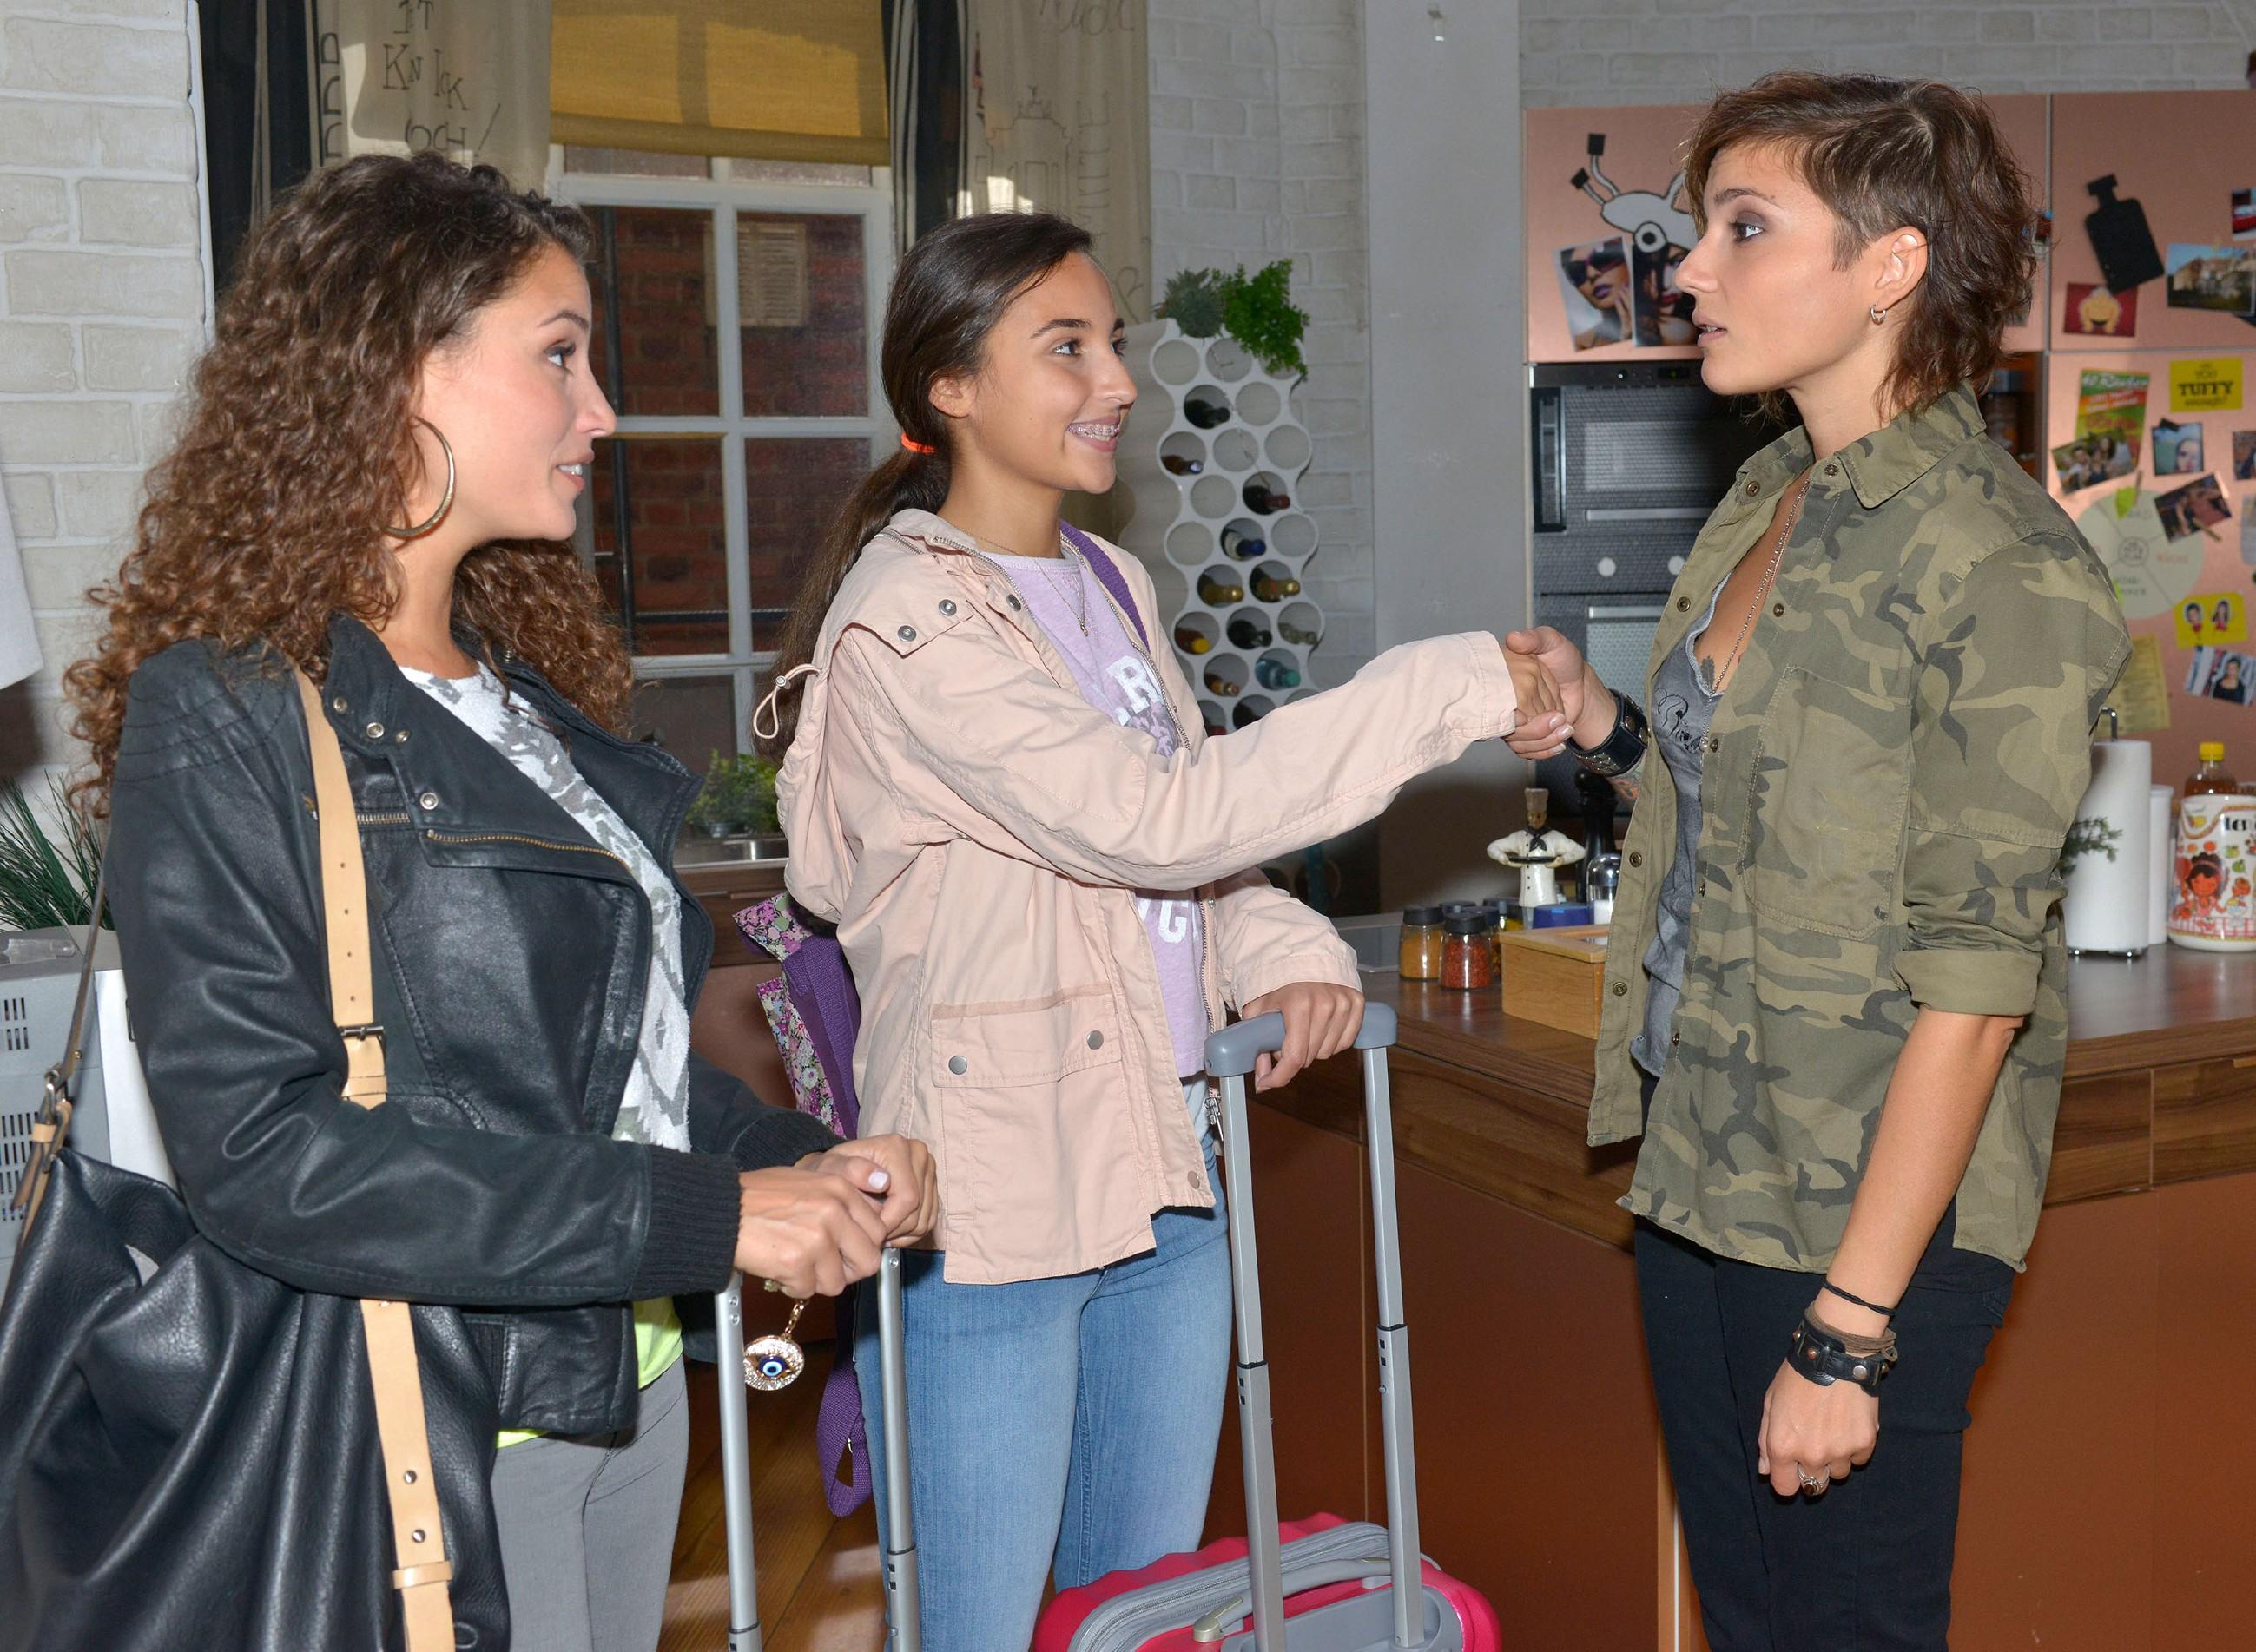 Ayla (Nadine Menz, l.) stellt ihrer Mitbewohnerin Anni (Linda Marlen Runge, r.) ihre Cousine Selma (Rona Özkan) vor.